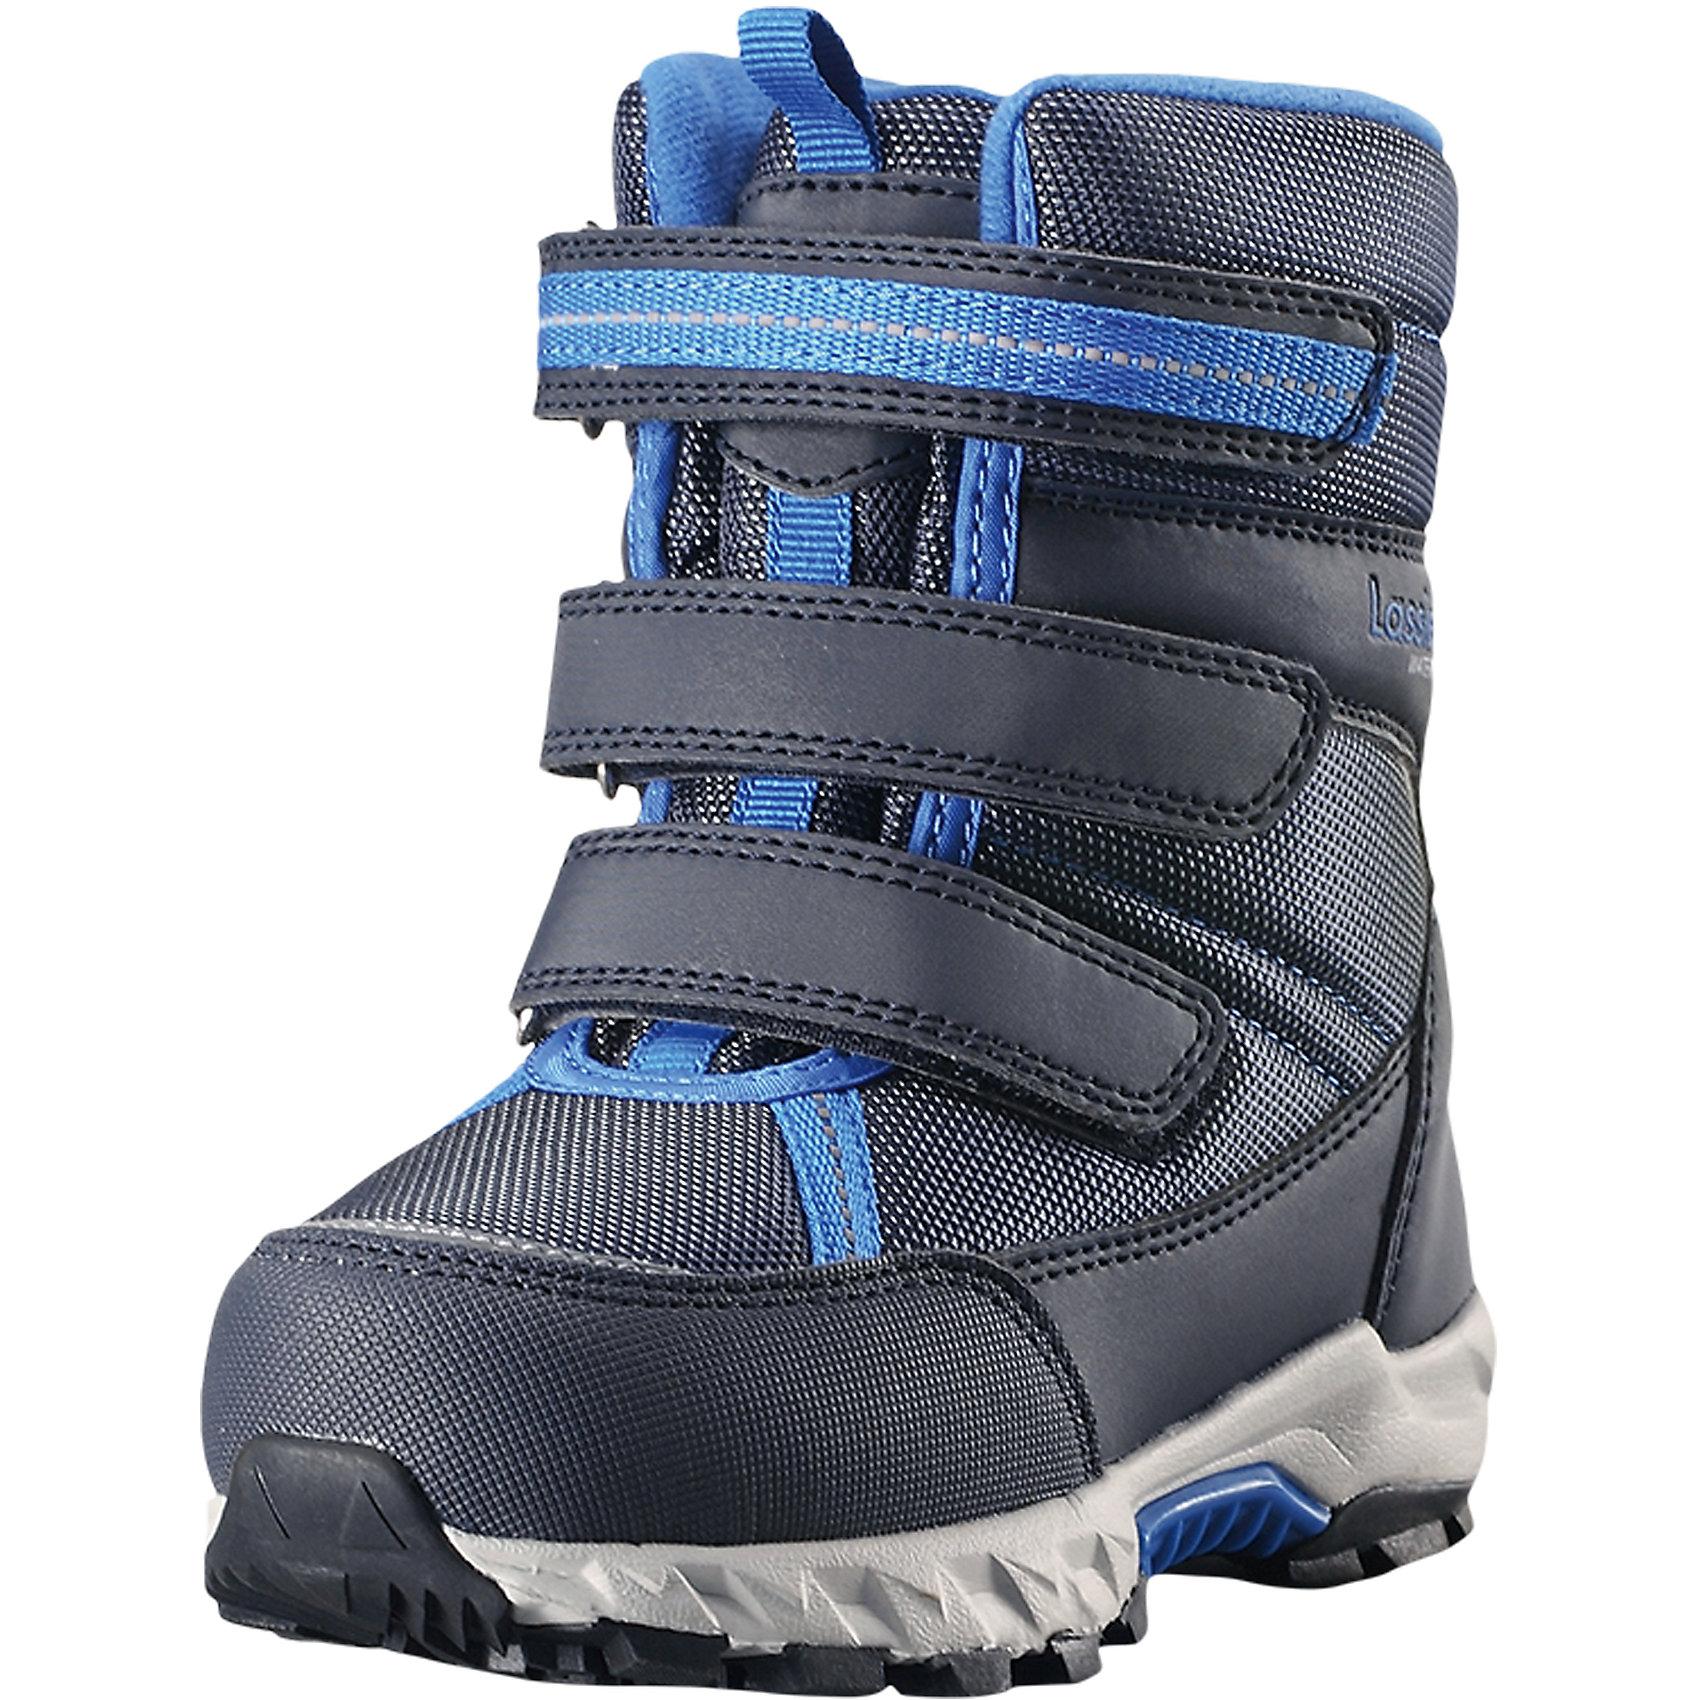 Сапоги Boulder Lassietec LassieОбувь<br>Характеристики товара:<br><br>• цвет: синий;<br>• внешний материал: полиэстер, полиуретан, текстиль;<br>• внутренний материал: искусственный мех;<br>• стелька: искусственный мех;<br>• подошва: термопластиная резина;<br>• сезон: зима;<br>• температурный режим: от 0 до -30С;<br>• застежка: три ремешка на липучках;<br>• водонепроницаемая зимняя обувь; <br>• гибкая легкая подошва из филона/резины;<br>• подкладка из искусственного меха;<br>• съемные стельки; <br>• светоотражающие детали;<br>• страна бренда: Финляндия;<br>• страна изготовитель: Китай;<br><br>Пара отличных зимних ботинок – вот без чего просто не обойтись в холодное время года! Эти стильные водонепроницаемые детские зимние ботинки изготовлены из текстиля и синтетического материала, прочного и простого в уходе. Благодаря мягкой подкладке из искусственного меха во время прогулок на свежем воздухе ножкам будет тепло и сухо. Регулируемая застежка на липучке облегчает обувание и обеспечивает хорошую фиксацию на ноге. Светоотражающие детали.<br><br>Сапоги Boulder Lassietec Lassie (Ласси) можно купить в нашем интернет-магазине.<br><br>Ширина мм: 257<br>Глубина мм: 180<br>Высота мм: 130<br>Вес г: 420<br>Цвет: синий<br>Возраст от месяцев: 96<br>Возраст до месяцев: 108<br>Пол: Унисекс<br>Возраст: Детский<br>Размер: 35,31,22,23,24,25,26,27,28,29,30,32,33,34<br>SKU: 6901030